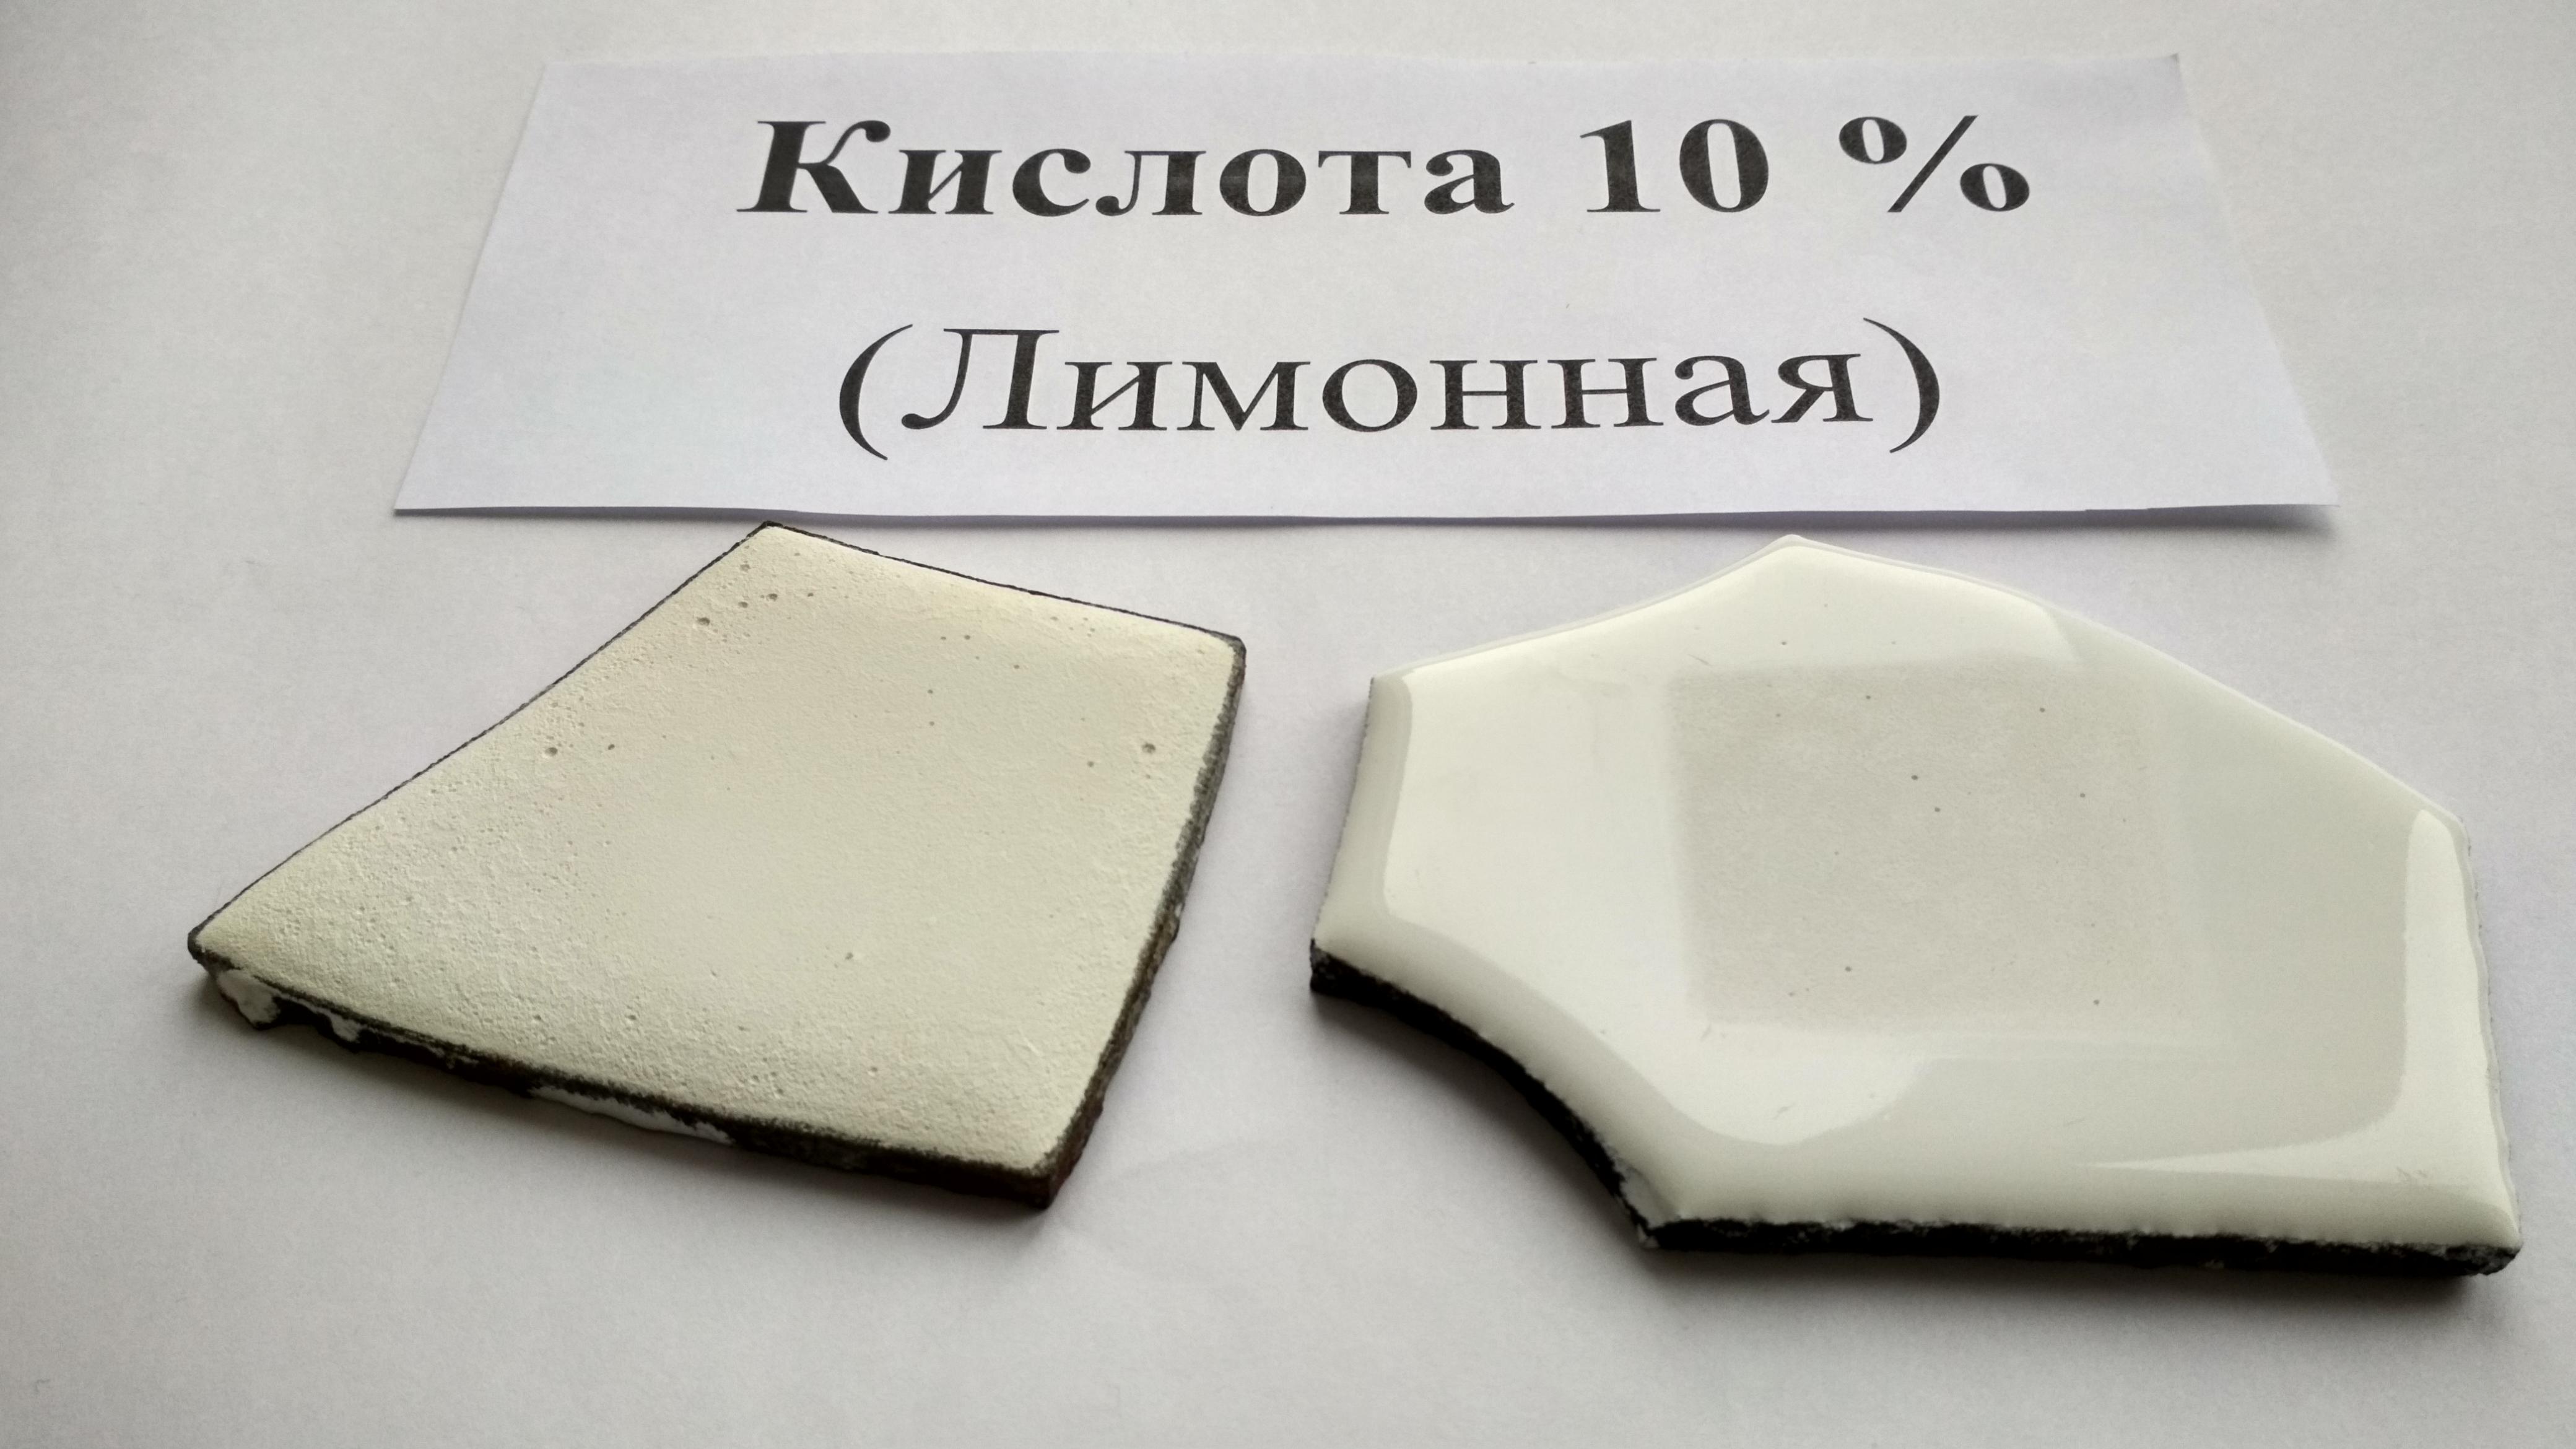 Чугунные пластинки после воздействия 10 % лимонной кислоты в течение недели